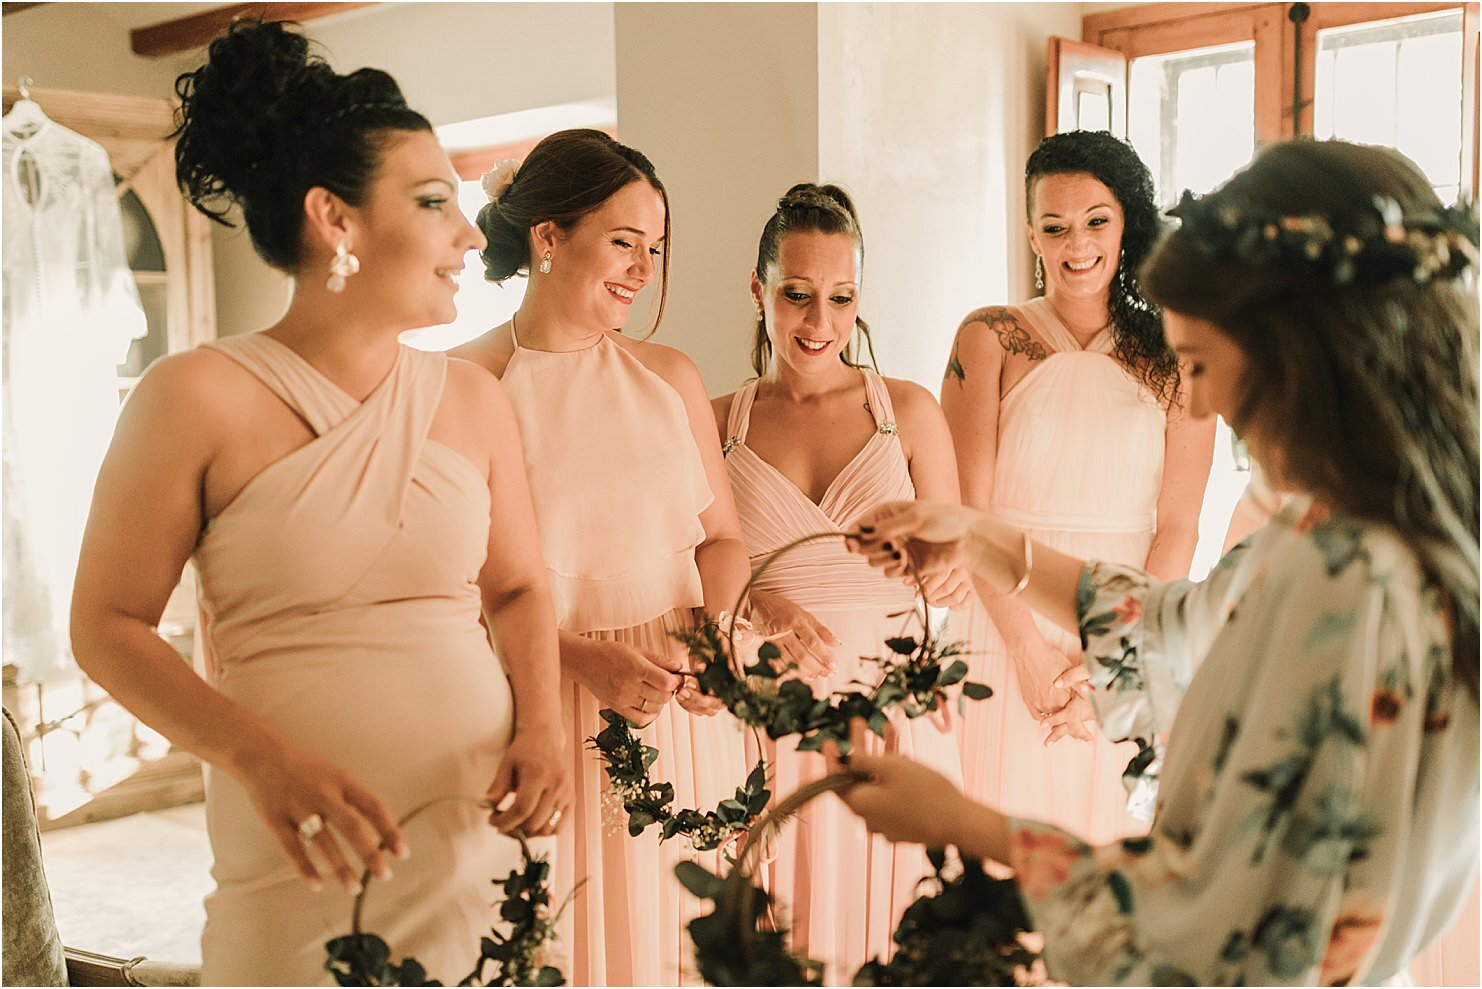 boda-boho-vestido-de-novia-boho-33.jpg